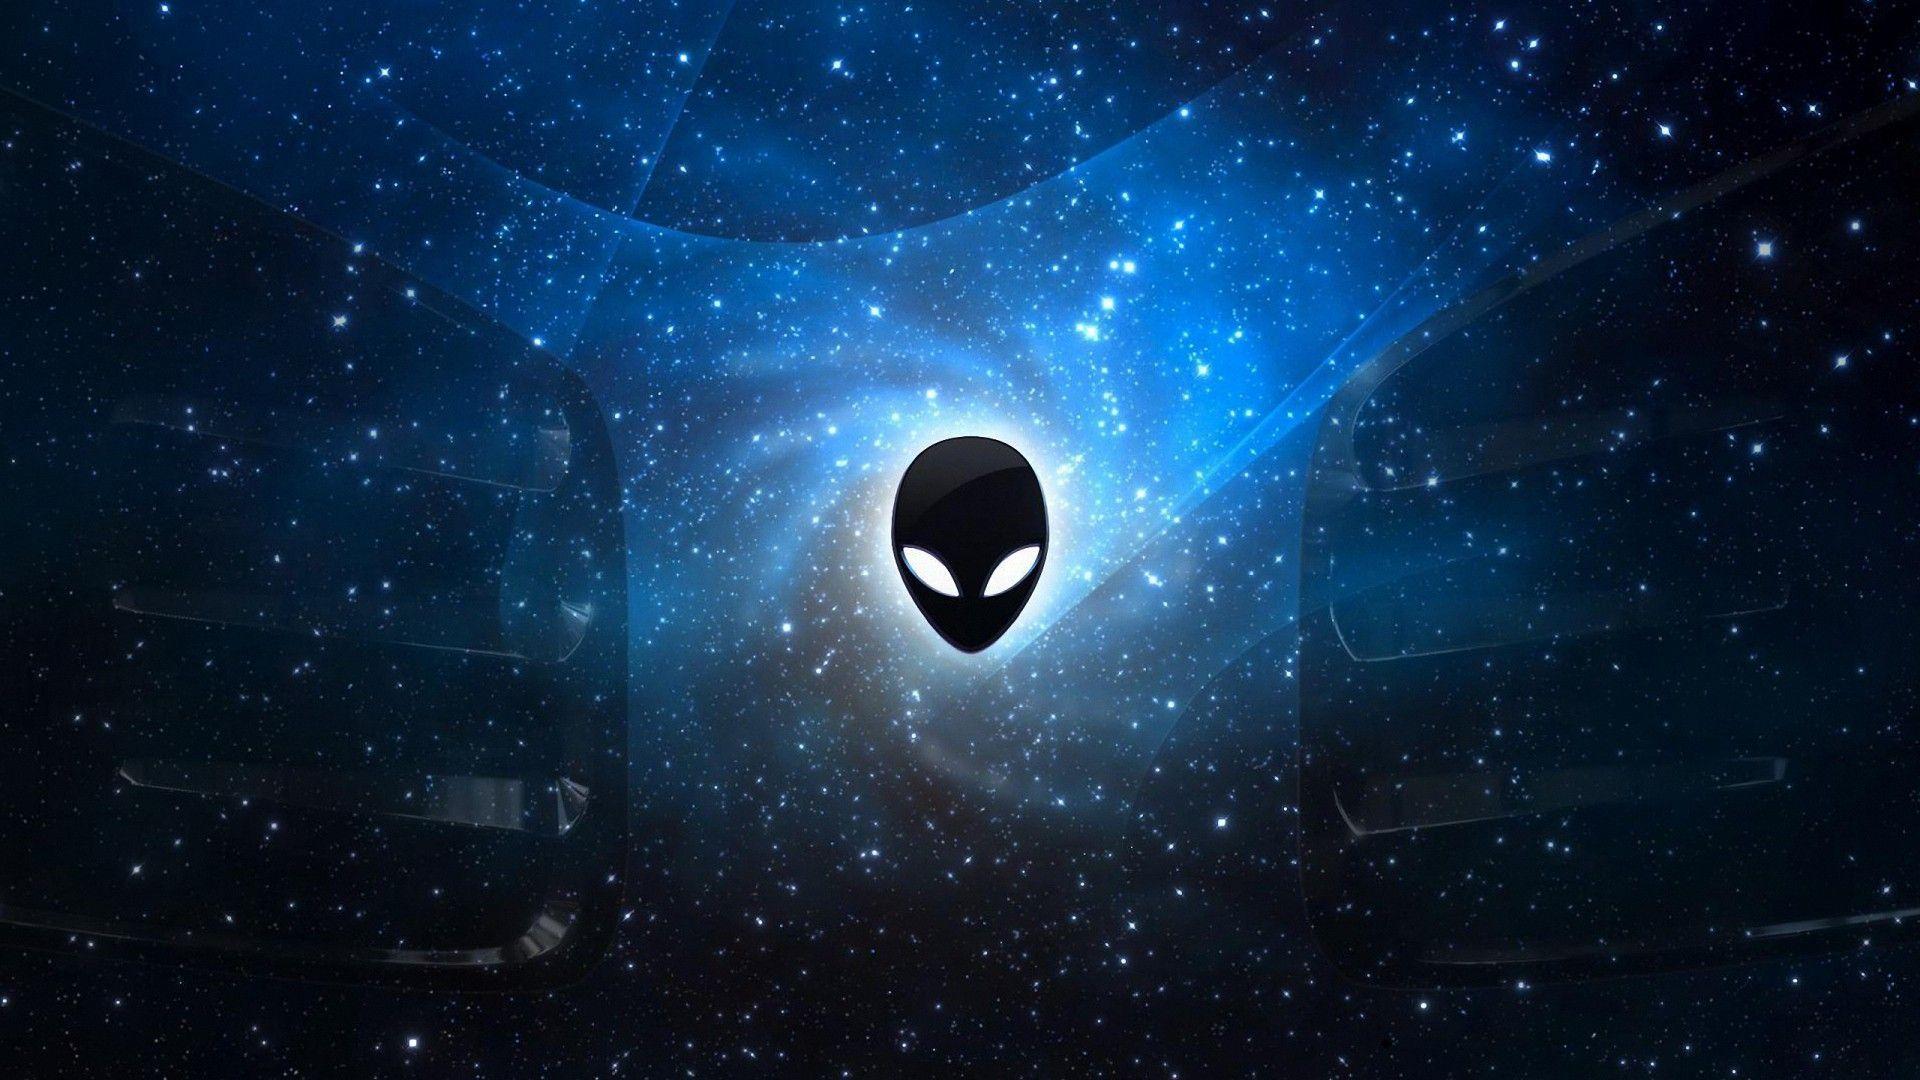 Alienware Wallpapers Full Hd Alien Backgrounds Purple, Neon Purple, Blue,